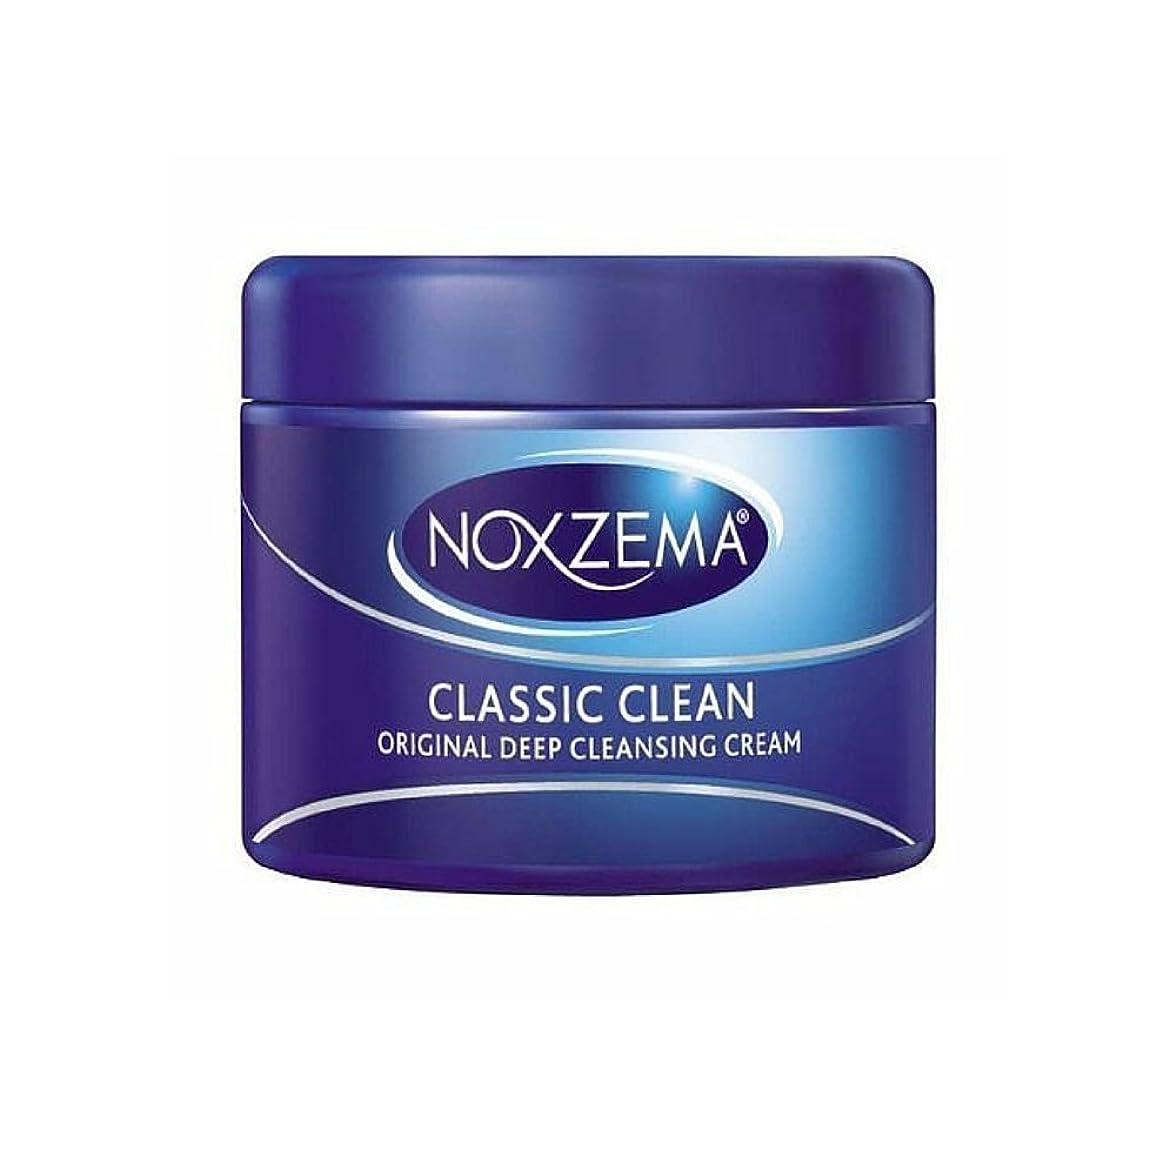 アラブ人裁判所悪意のあるNoxzema オリジナルディープクレンジングクリーム2オンス(10パック)